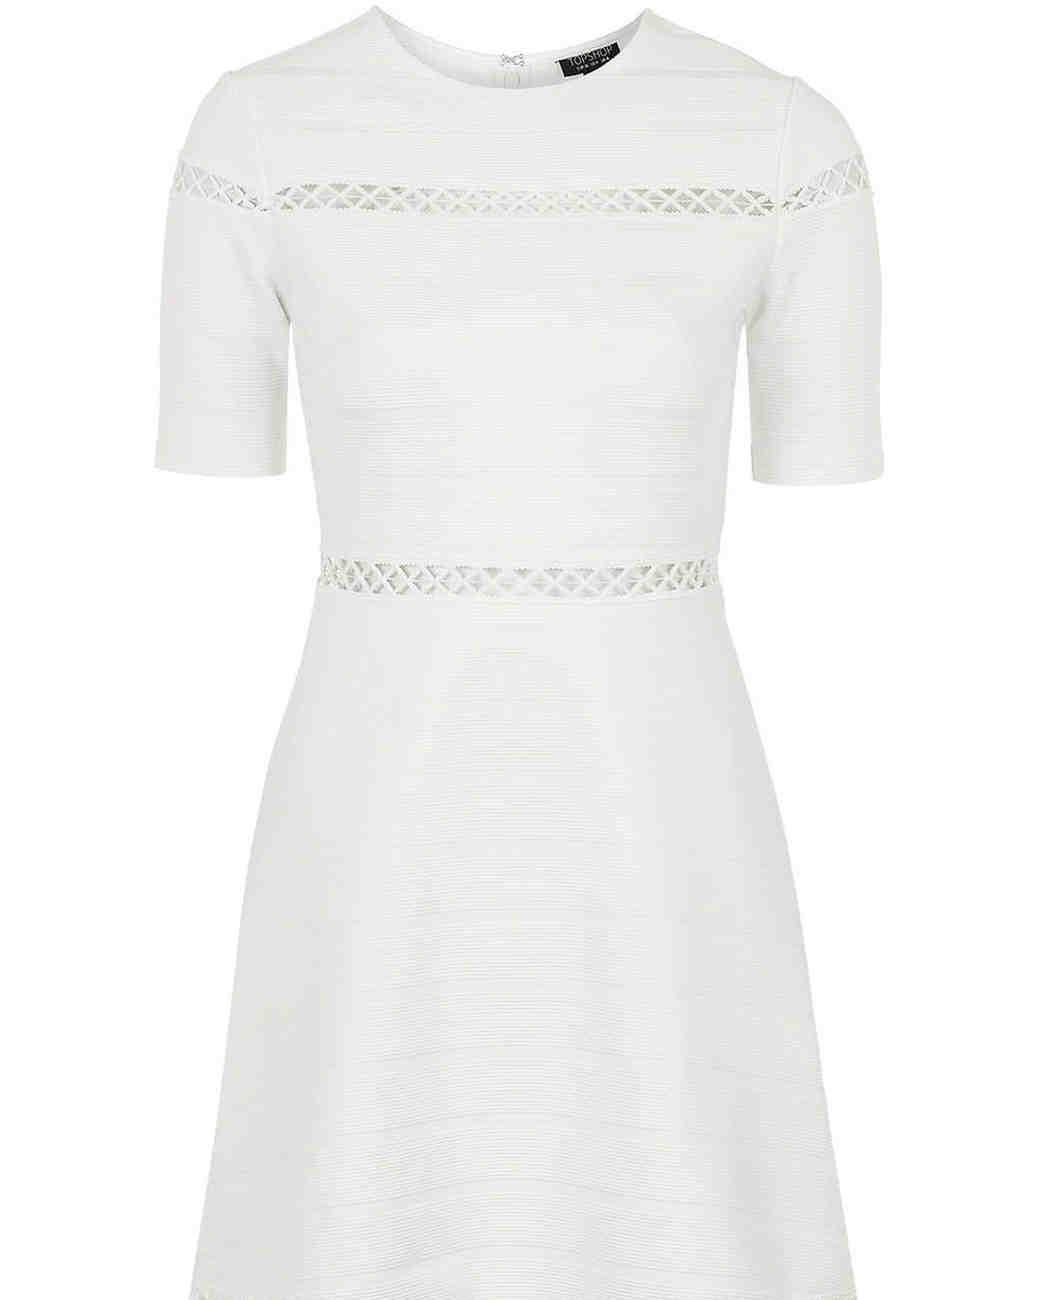 bridal-shower-dress-topshop-embroidered-dress-0416.jpg